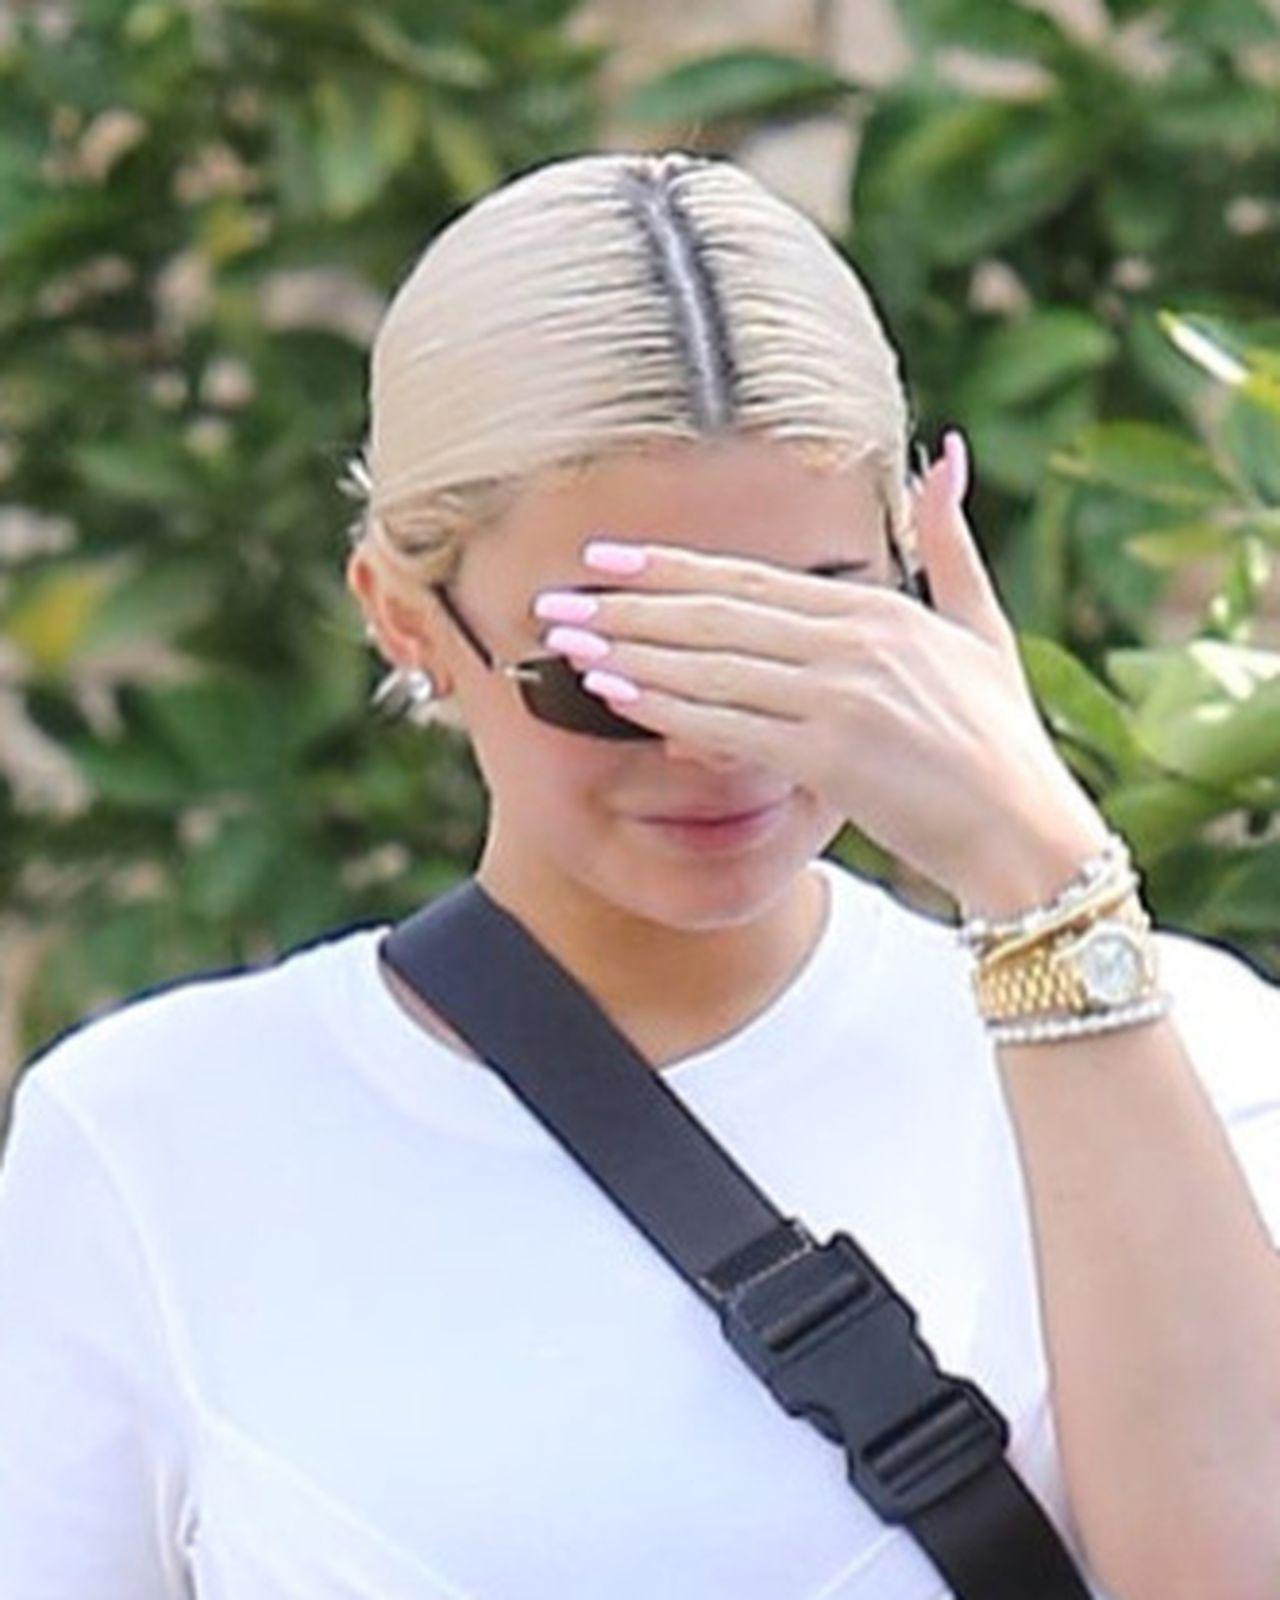 Te ODROSTY to jeszcze nic! Zobacz, jak włosy Kylie wyglądają teraz